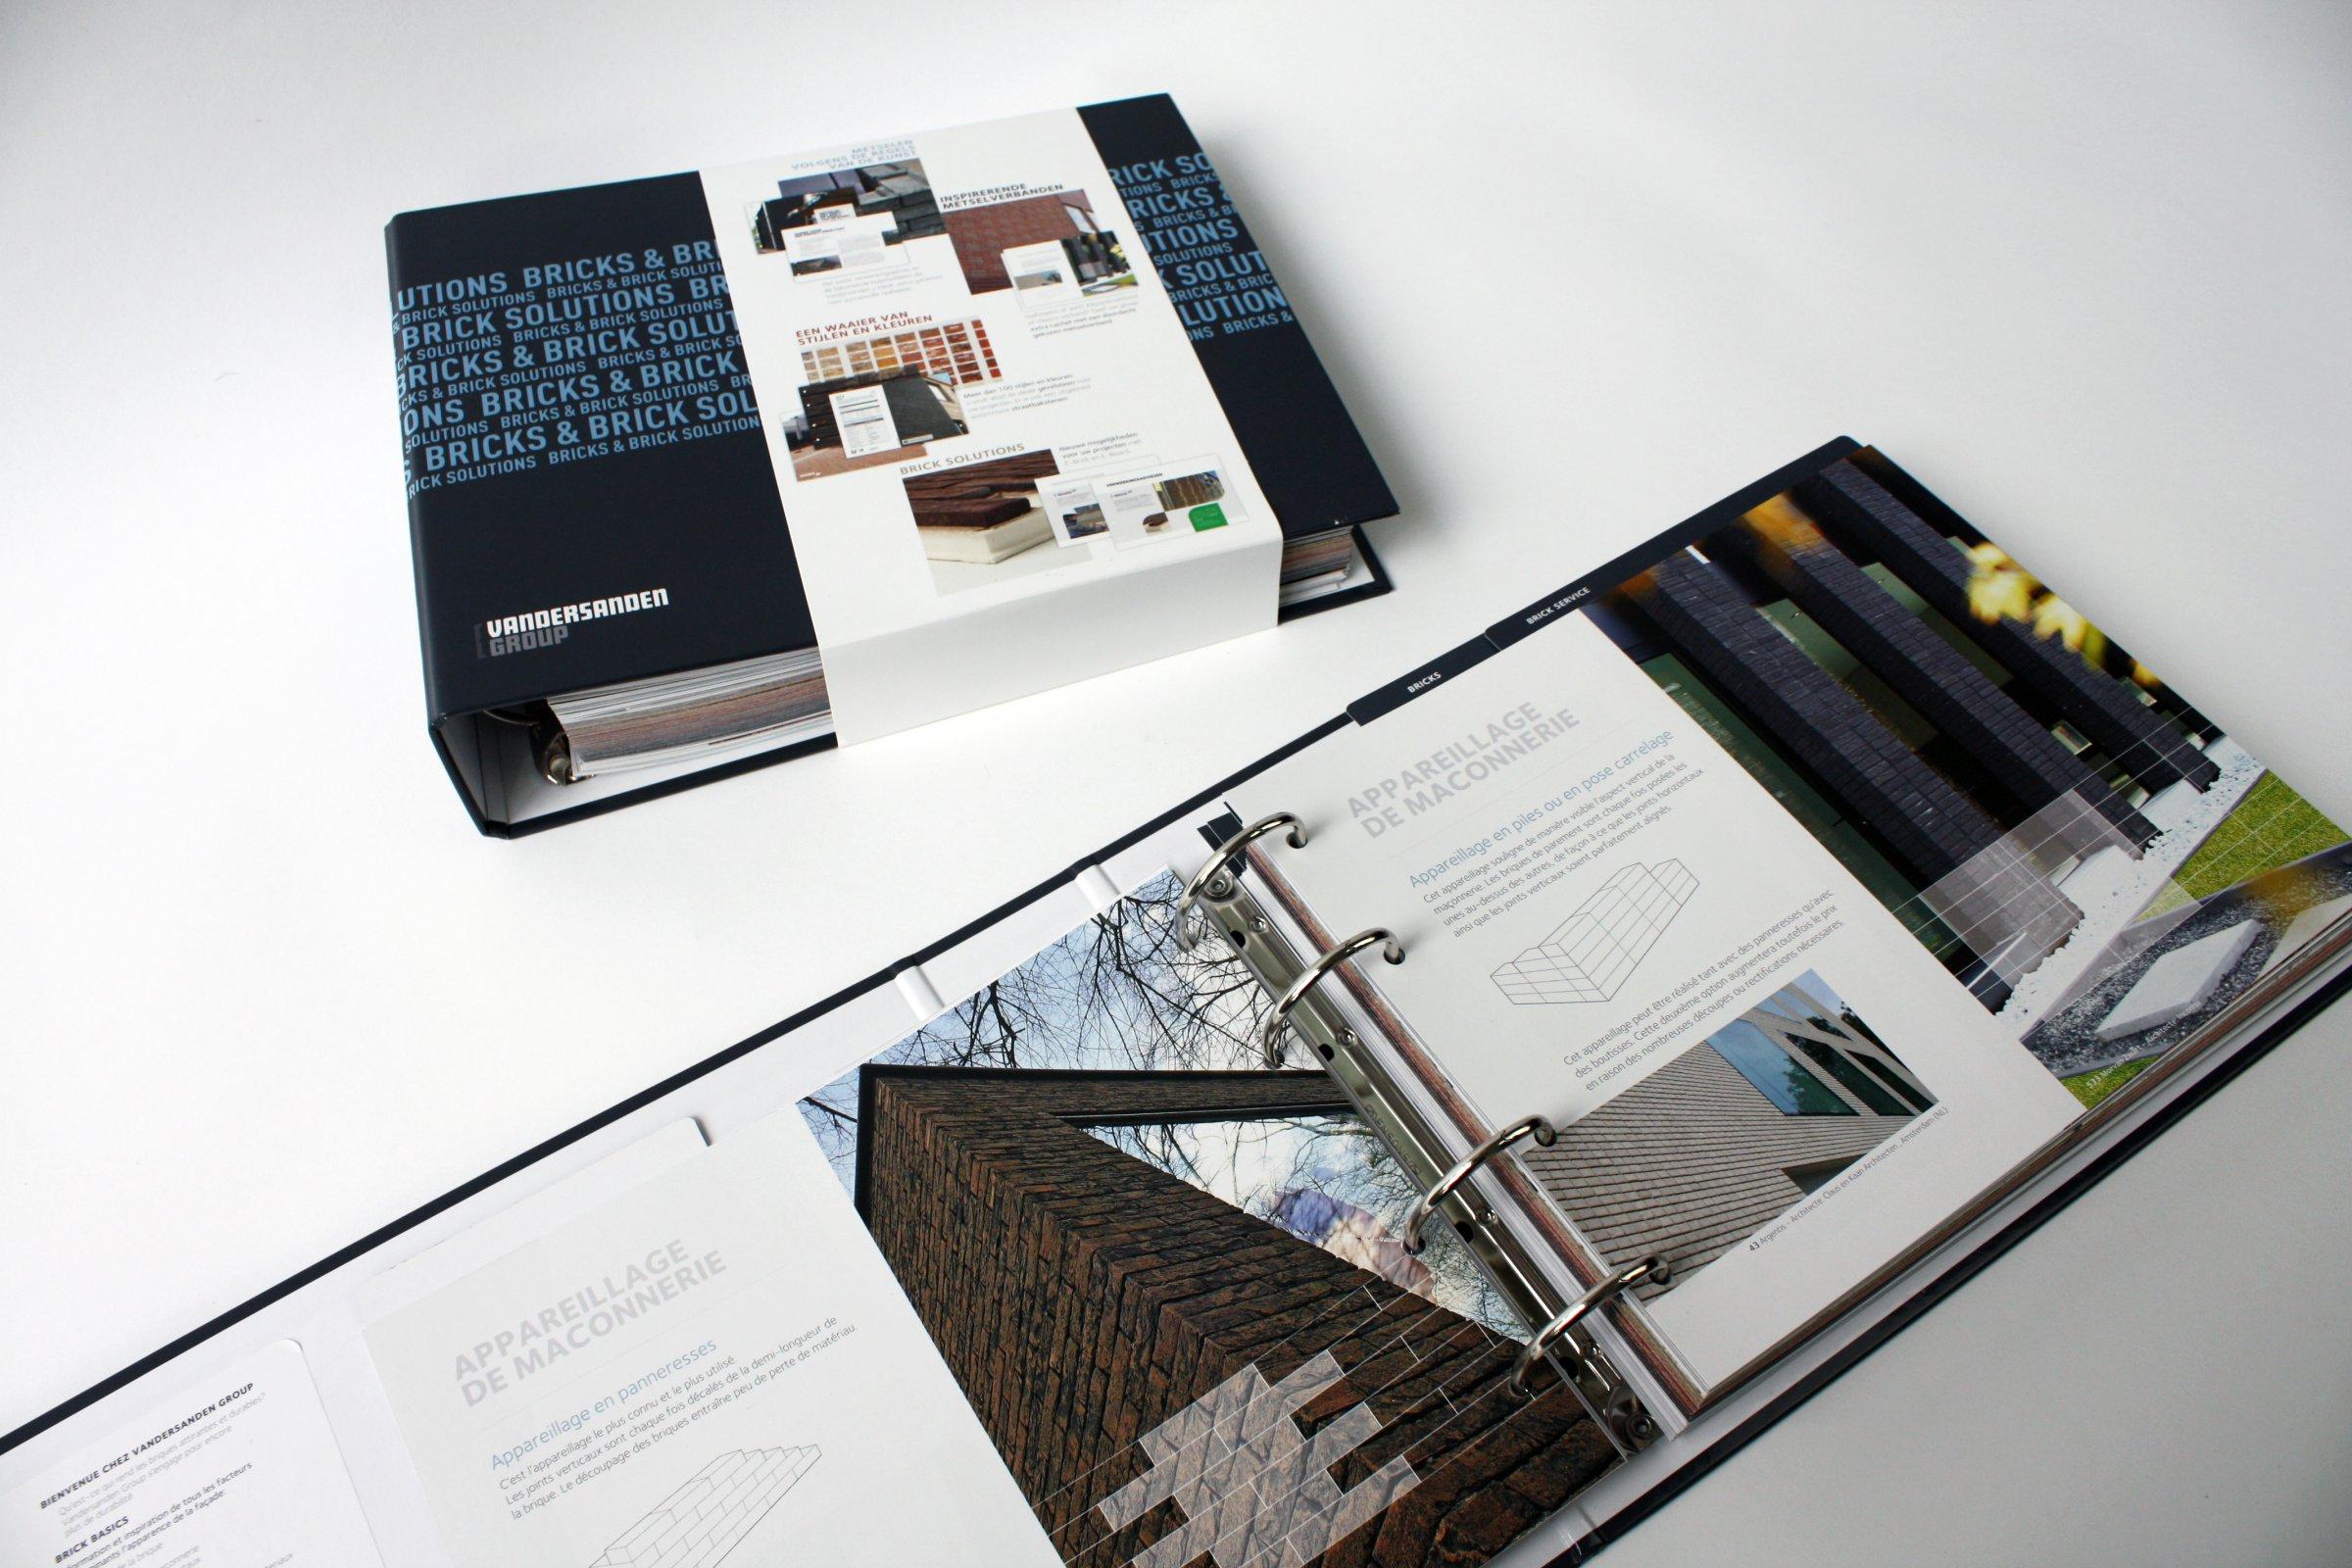 vds_architectenmap.jpg